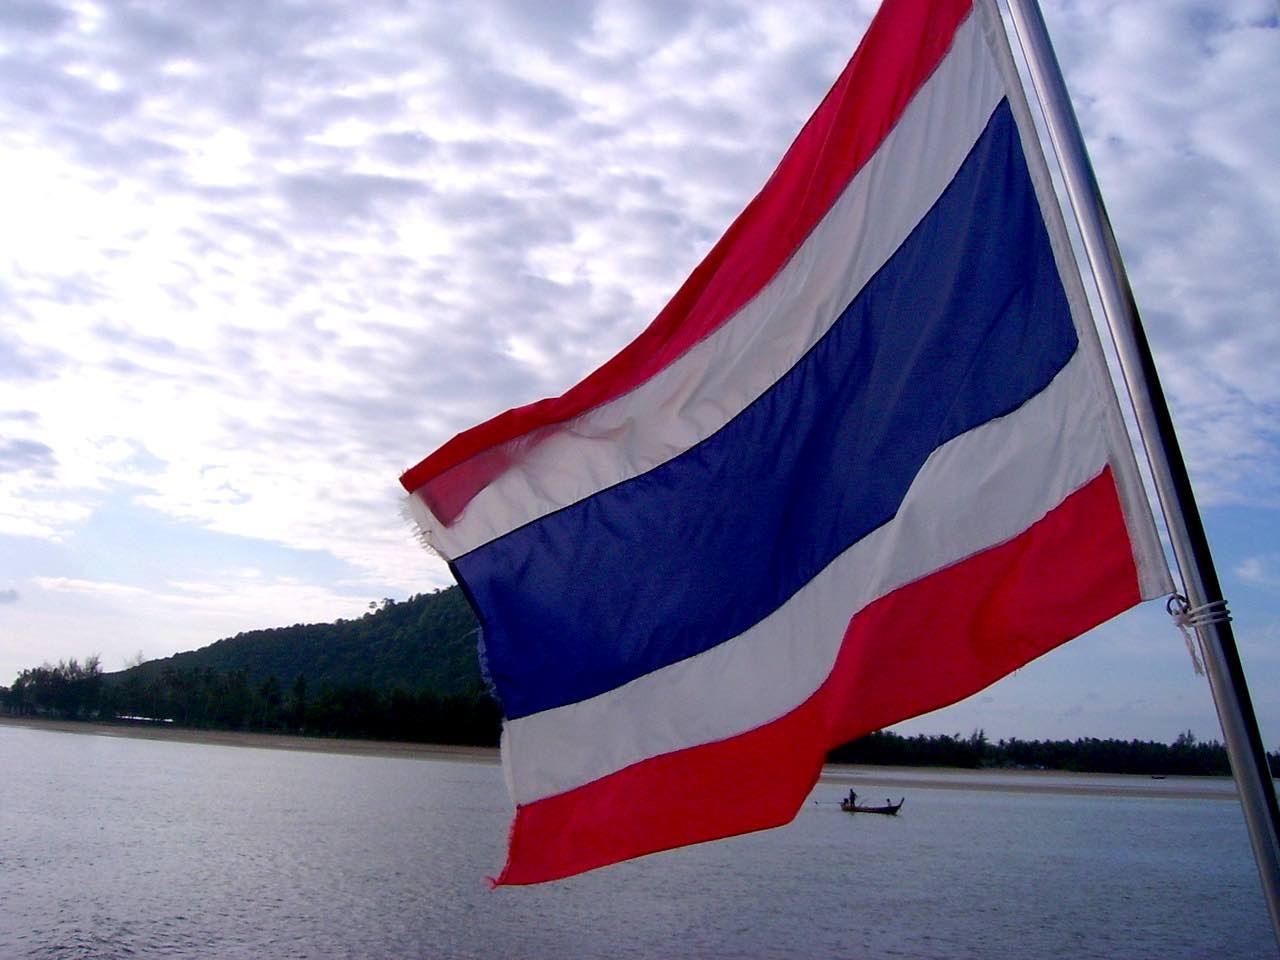 Thailand-Flagge. Wir ziehen nach Thailand, Auswanderung. Wanderhunger